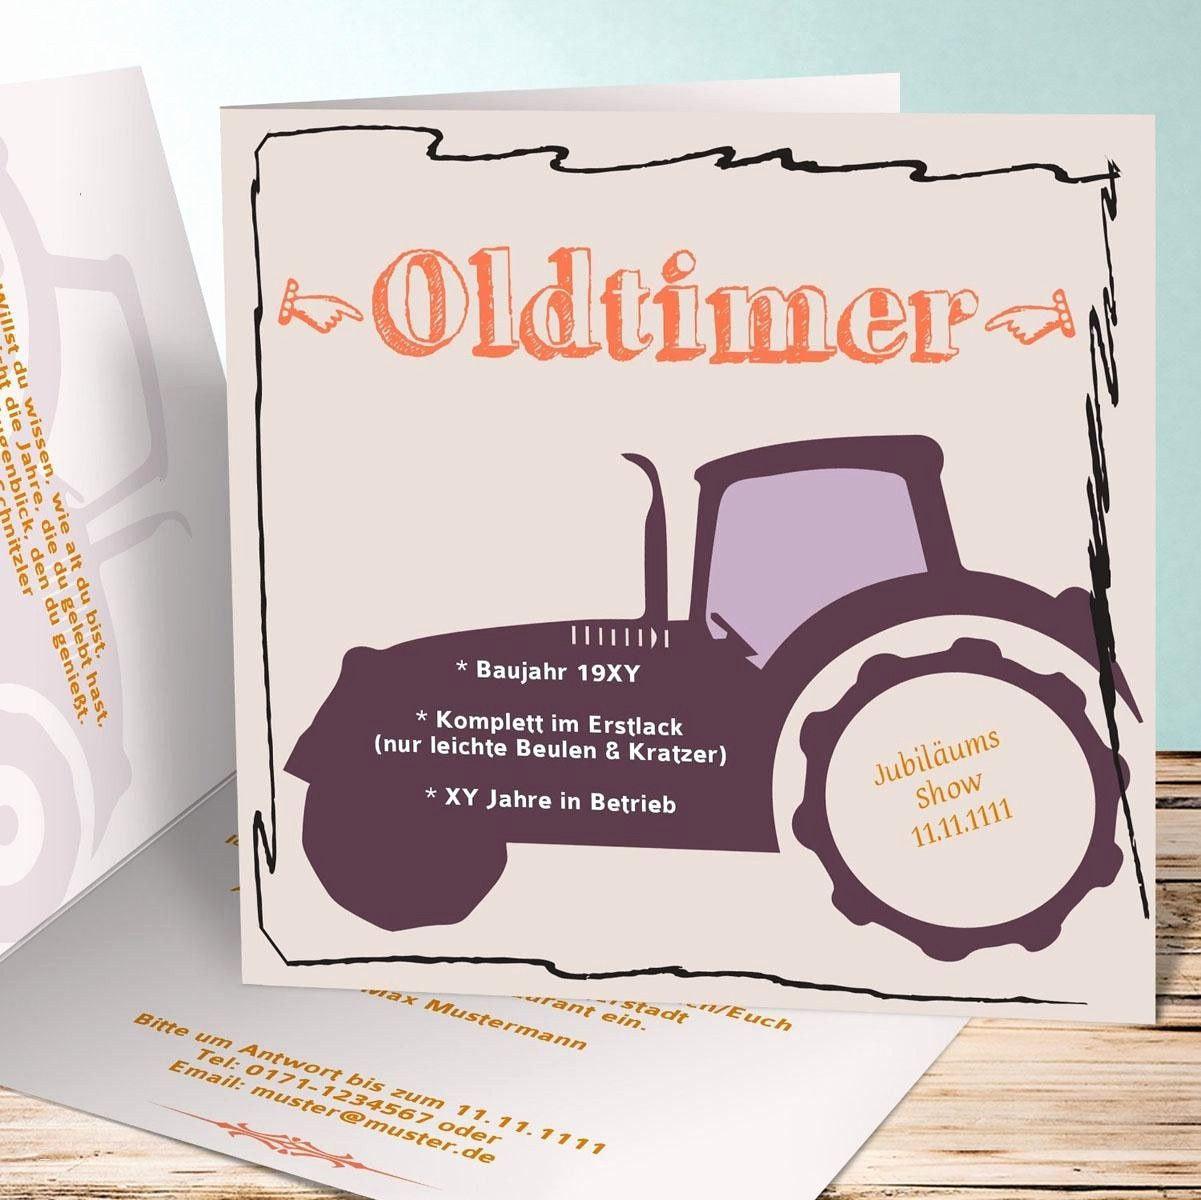 Dm Gutscheine Zum Ausdrucken Einzigartig Geburtstagskarte Schreiben Neu Geburtstagskarte Ausd Invitation Card Birthday 70th Birthday Invitations Birthday Cards